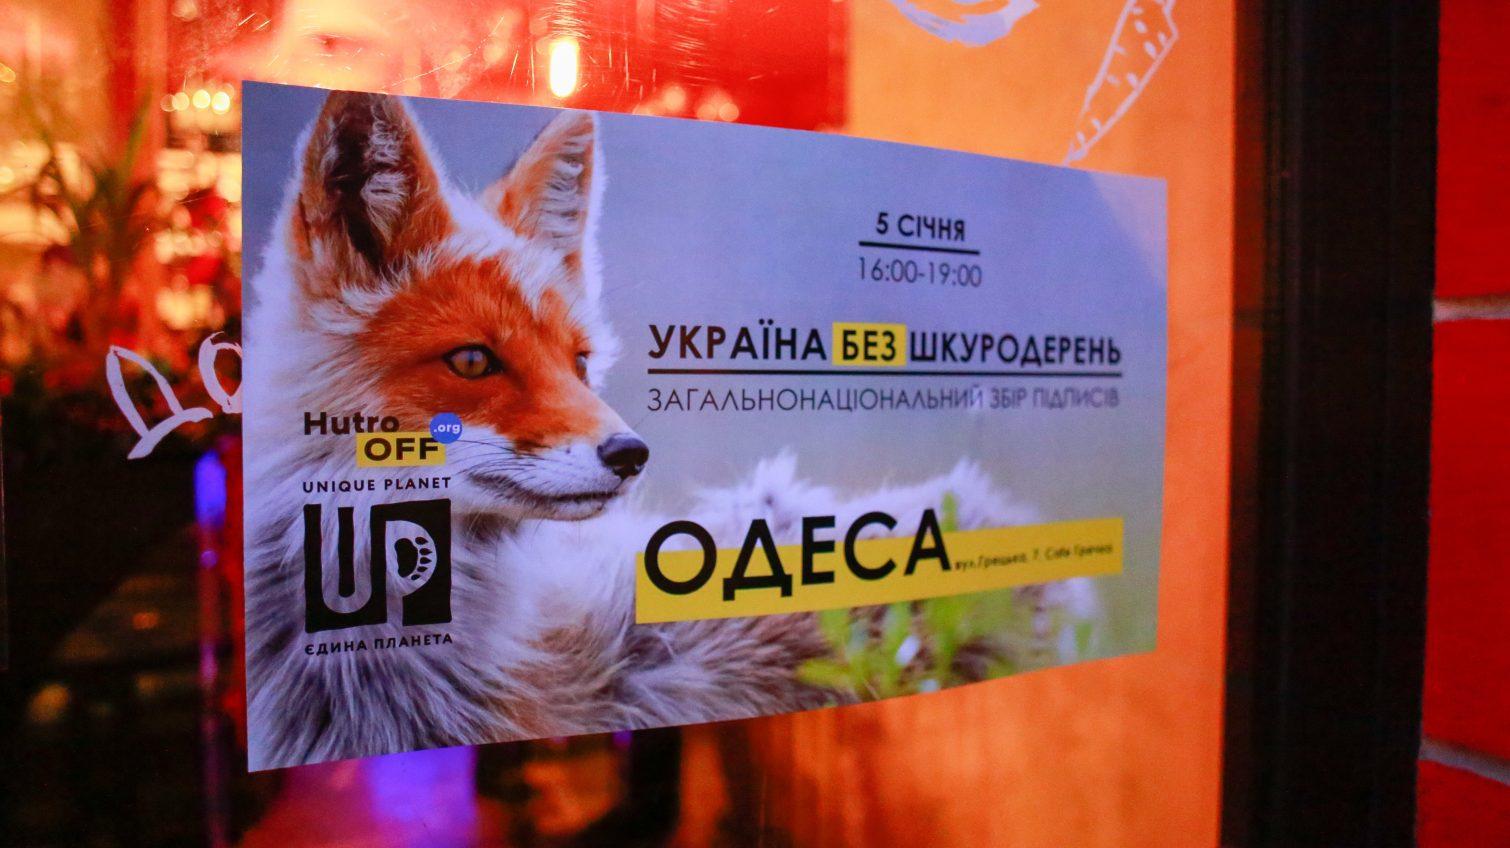 Одесситы собирают подписи против меховых ферм в рамках всеукраинской акции (фото) «фото»